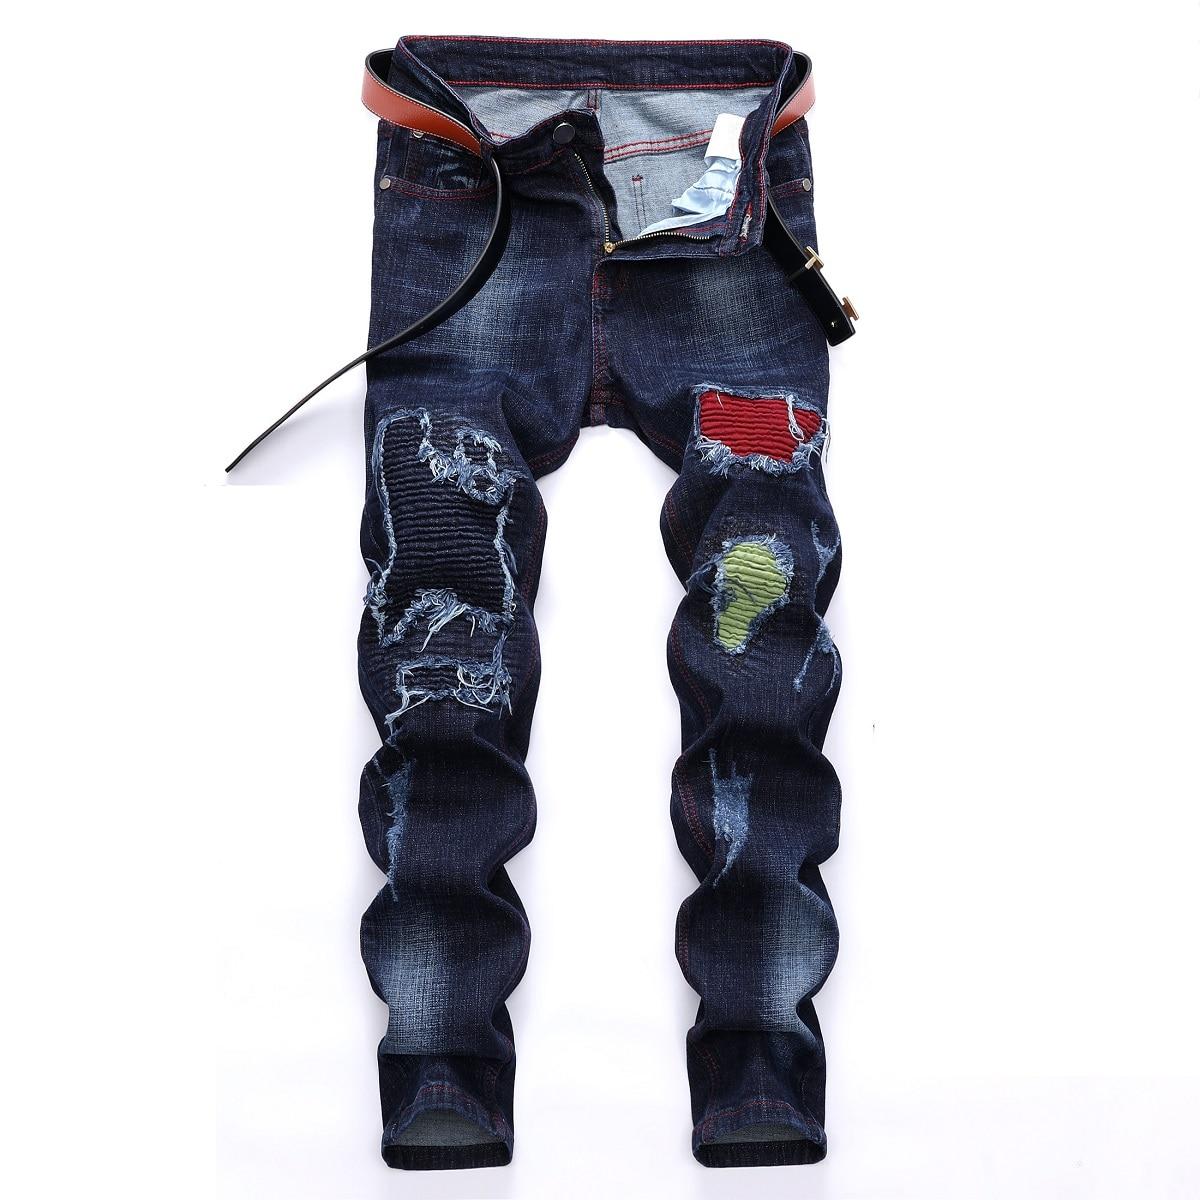 джинсы штаны мужские брюки мужские джинсы для мужчин Новинка 2021, модные мужские джинсы на осень/зиму, модные Стрейчевые джинсы с рваными вст...